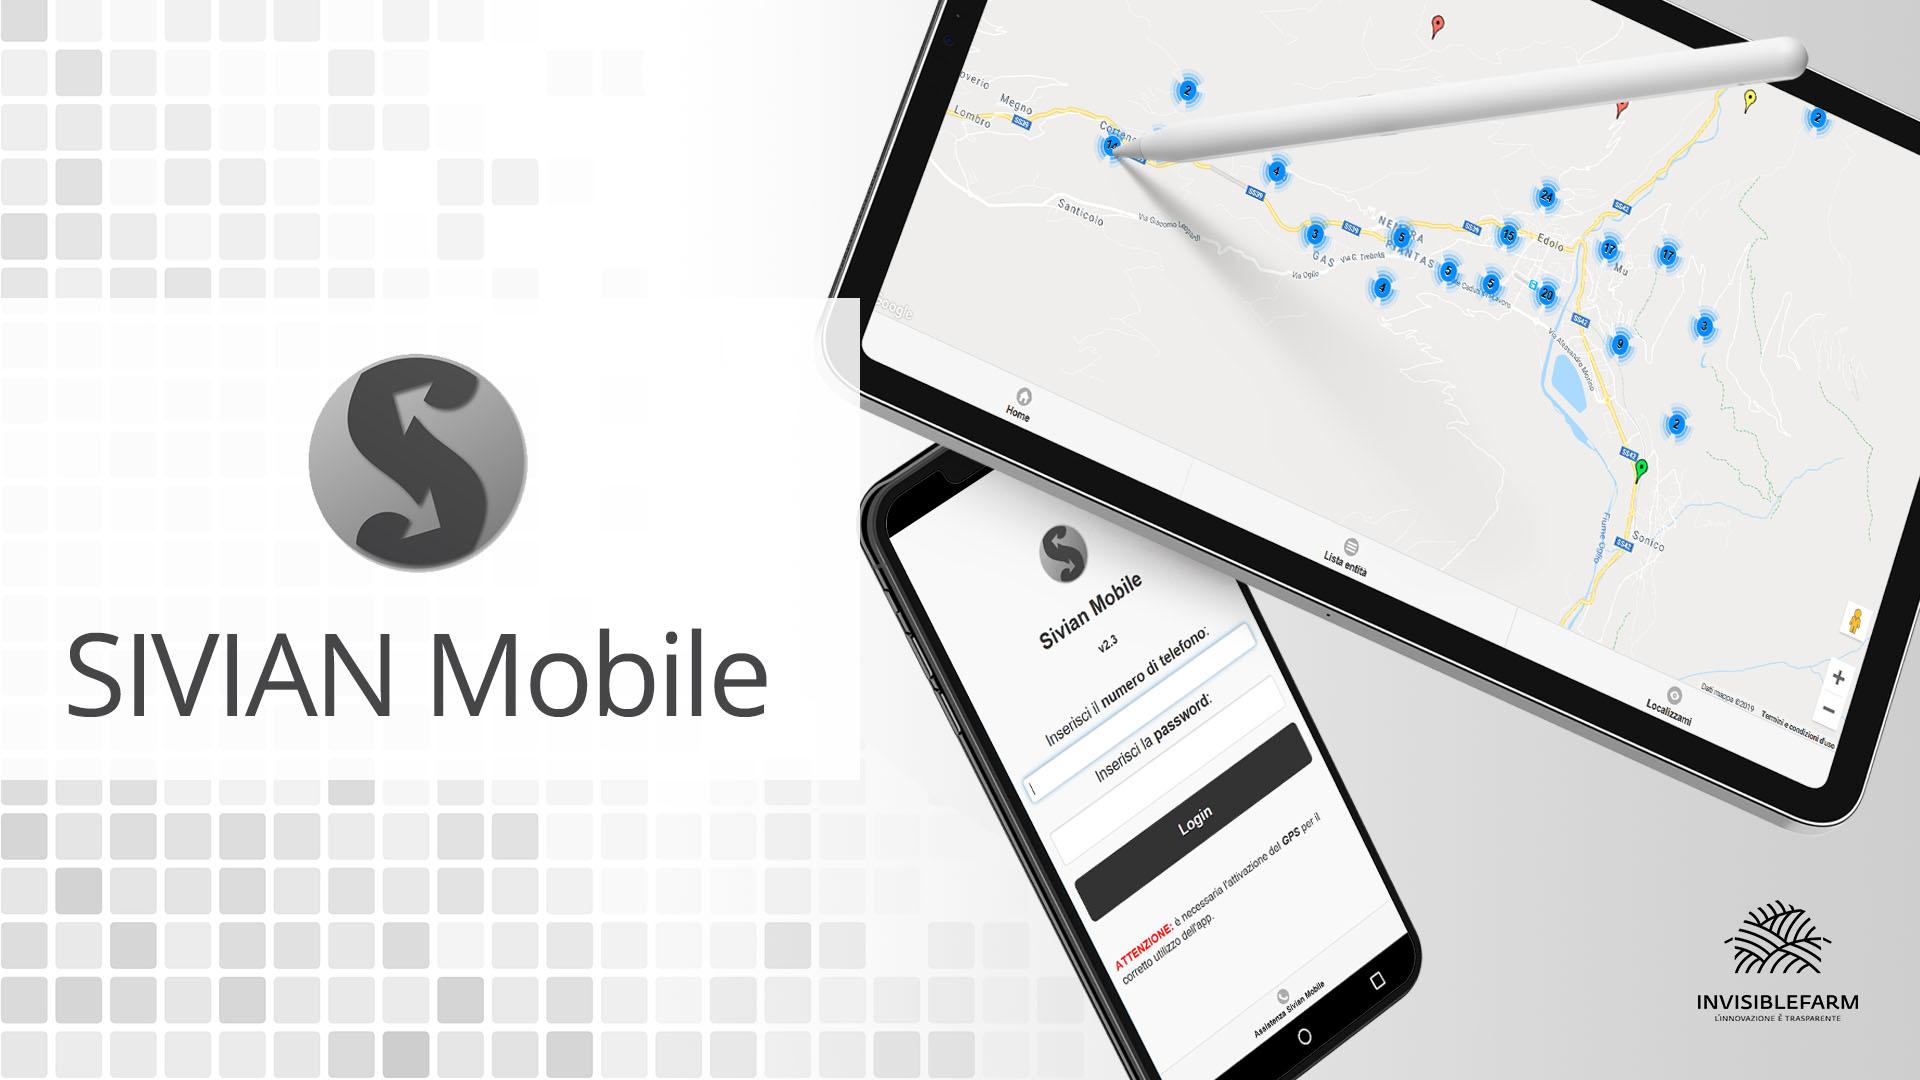 sivian-mobile